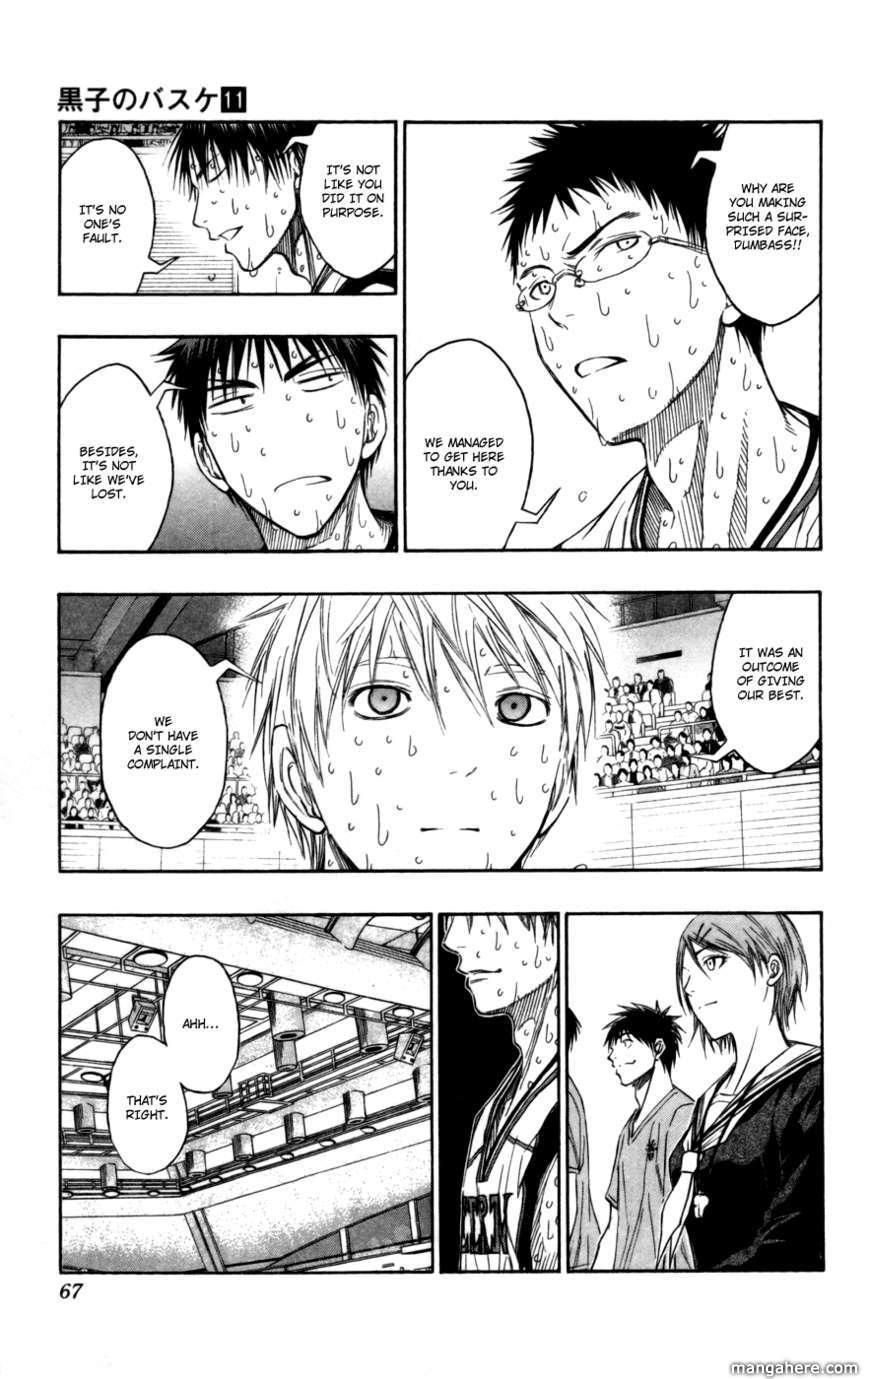 Kuroko no Basket 93 Page 3